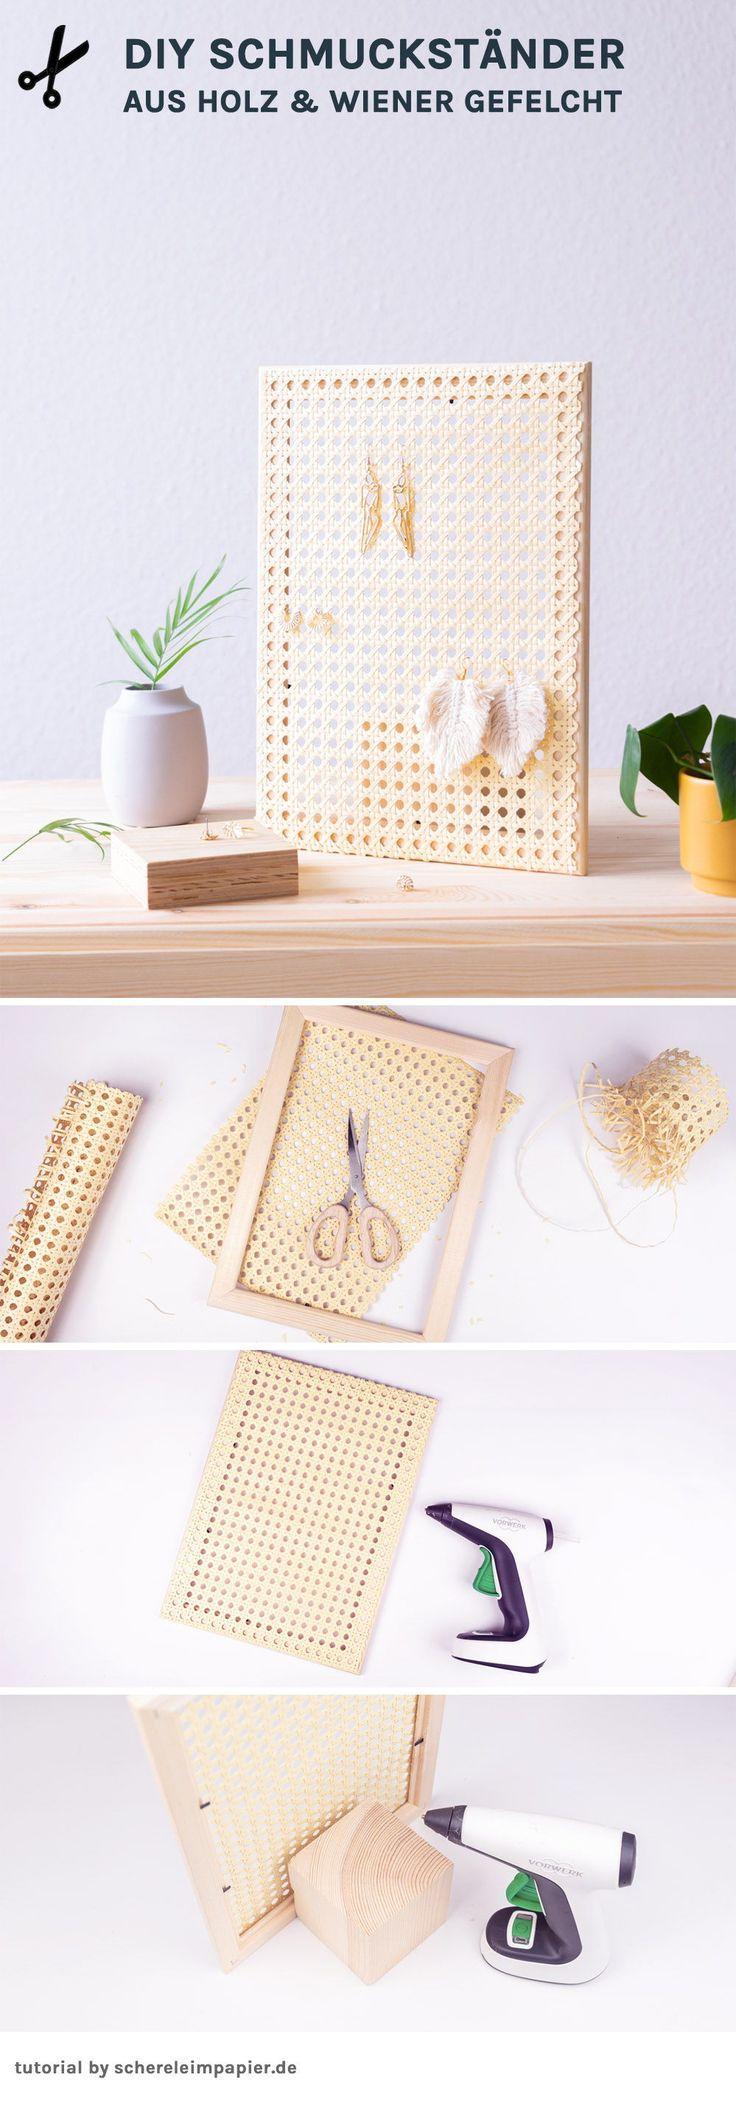 5 Minuten DIY: Schmuckständer aus Holz und Geflecht selbermachen